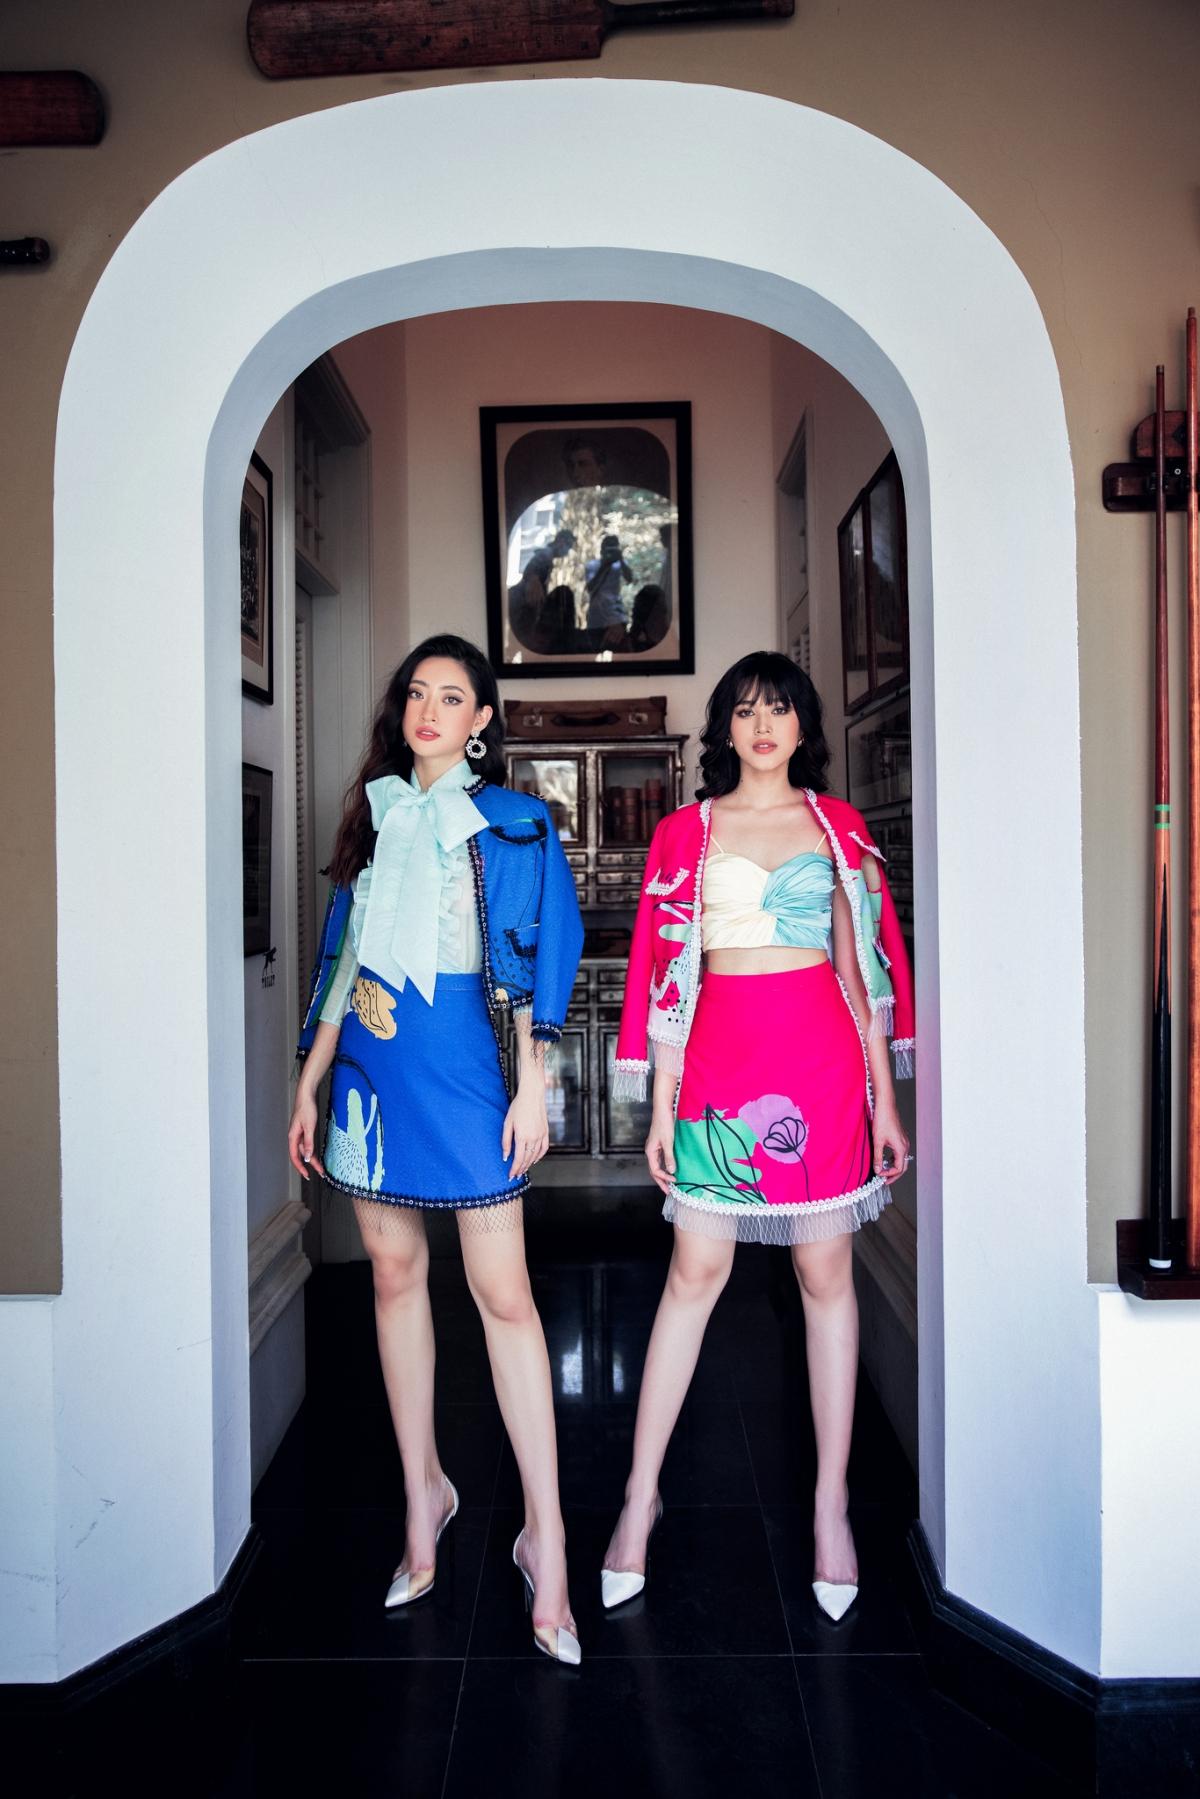 """Nàng Hậu không ngằn ngại """"đọ dáng"""" với đàn chị Lương Thùy Linh trong nền tiền sảnh cổ điển."""